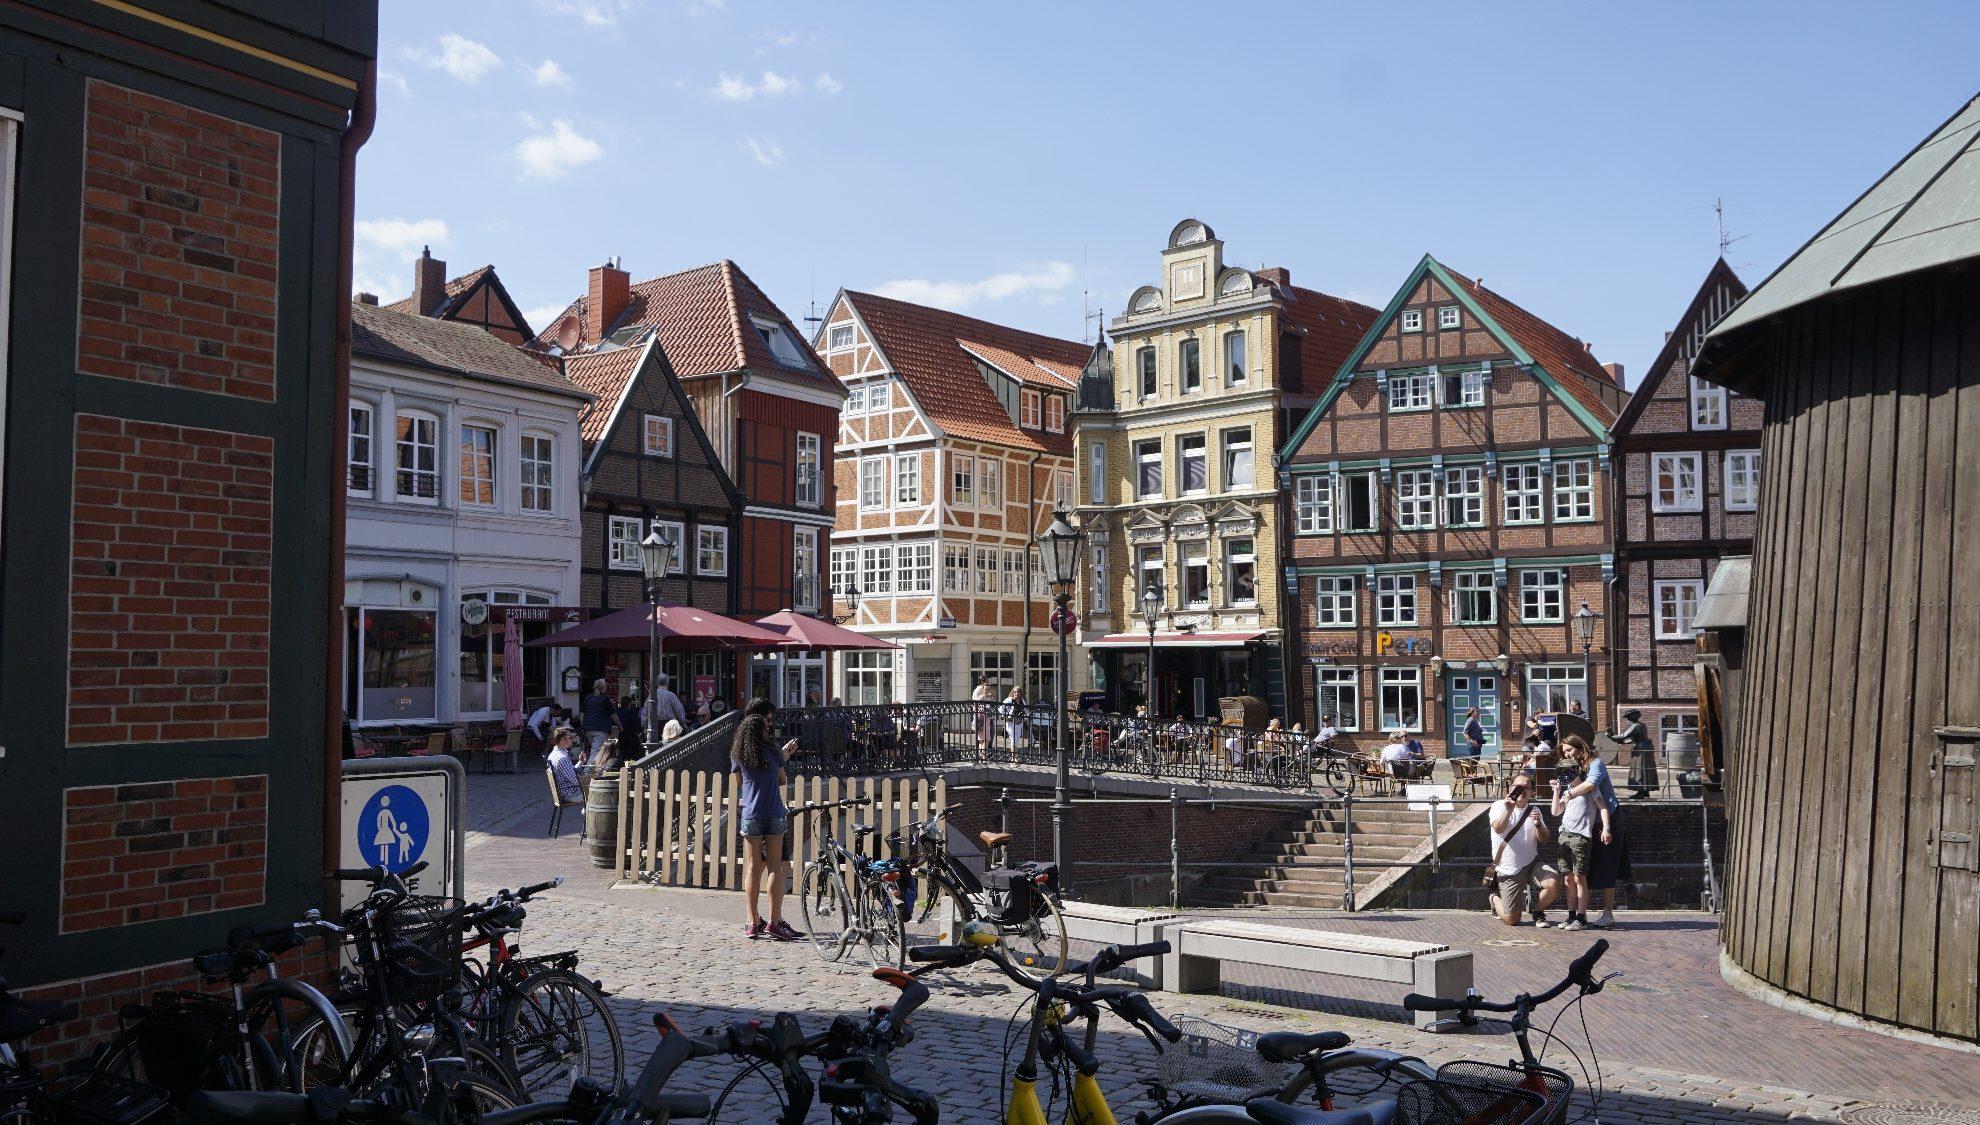 Alter Hafen / Fischmarkt in Stade, Fachwerkhäuser und Fahrräder